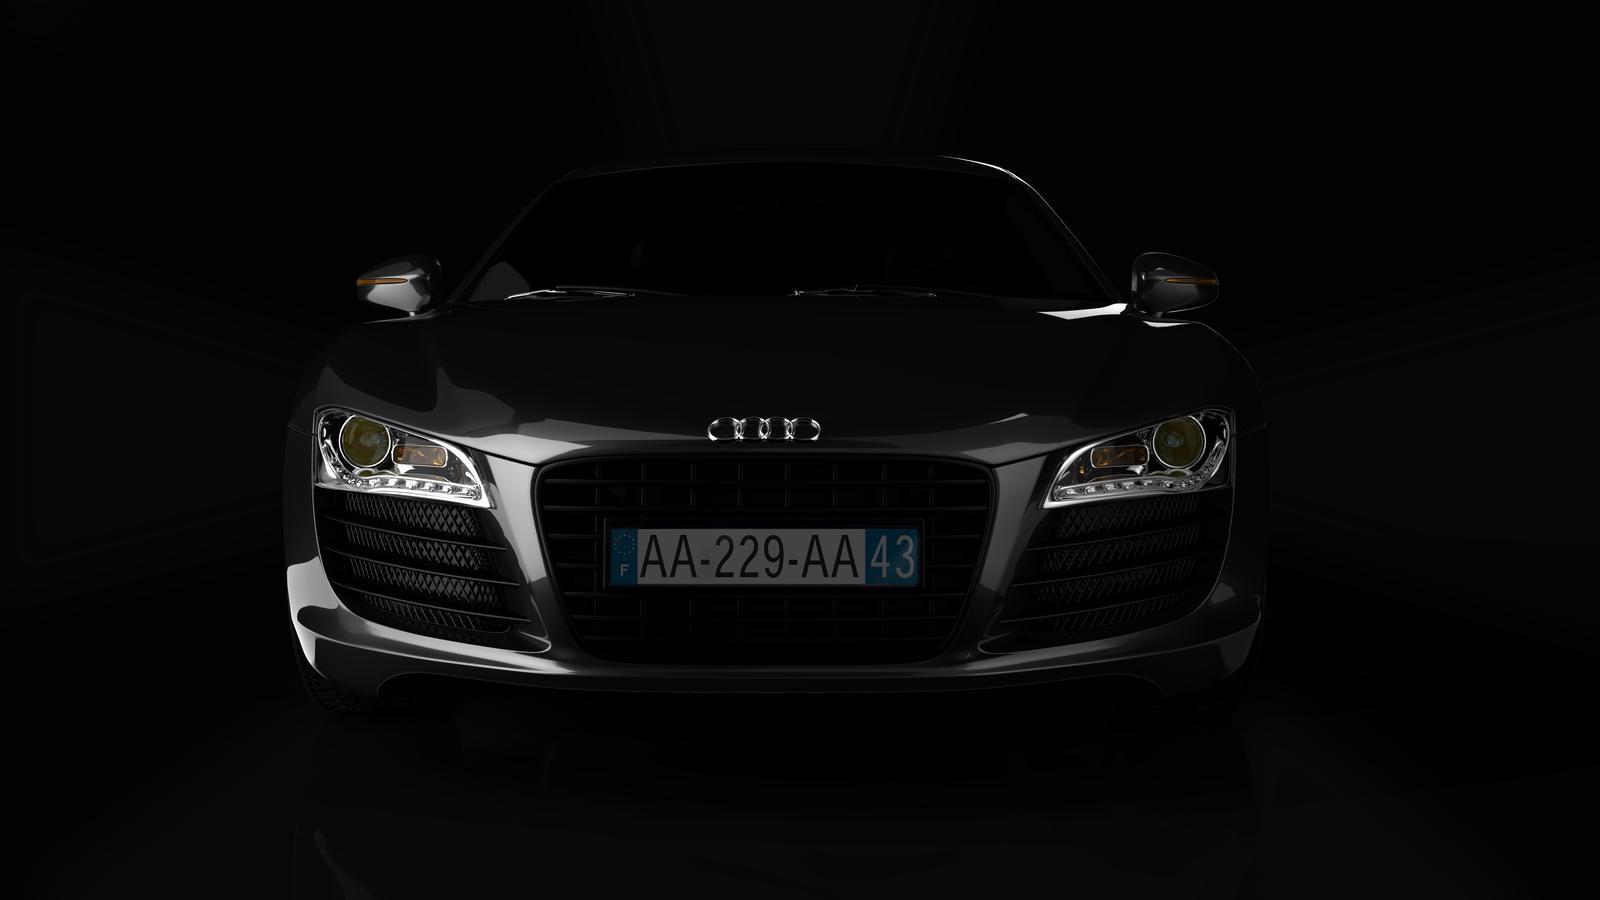 Audi R8 front by darecarcemb on DeviantArt